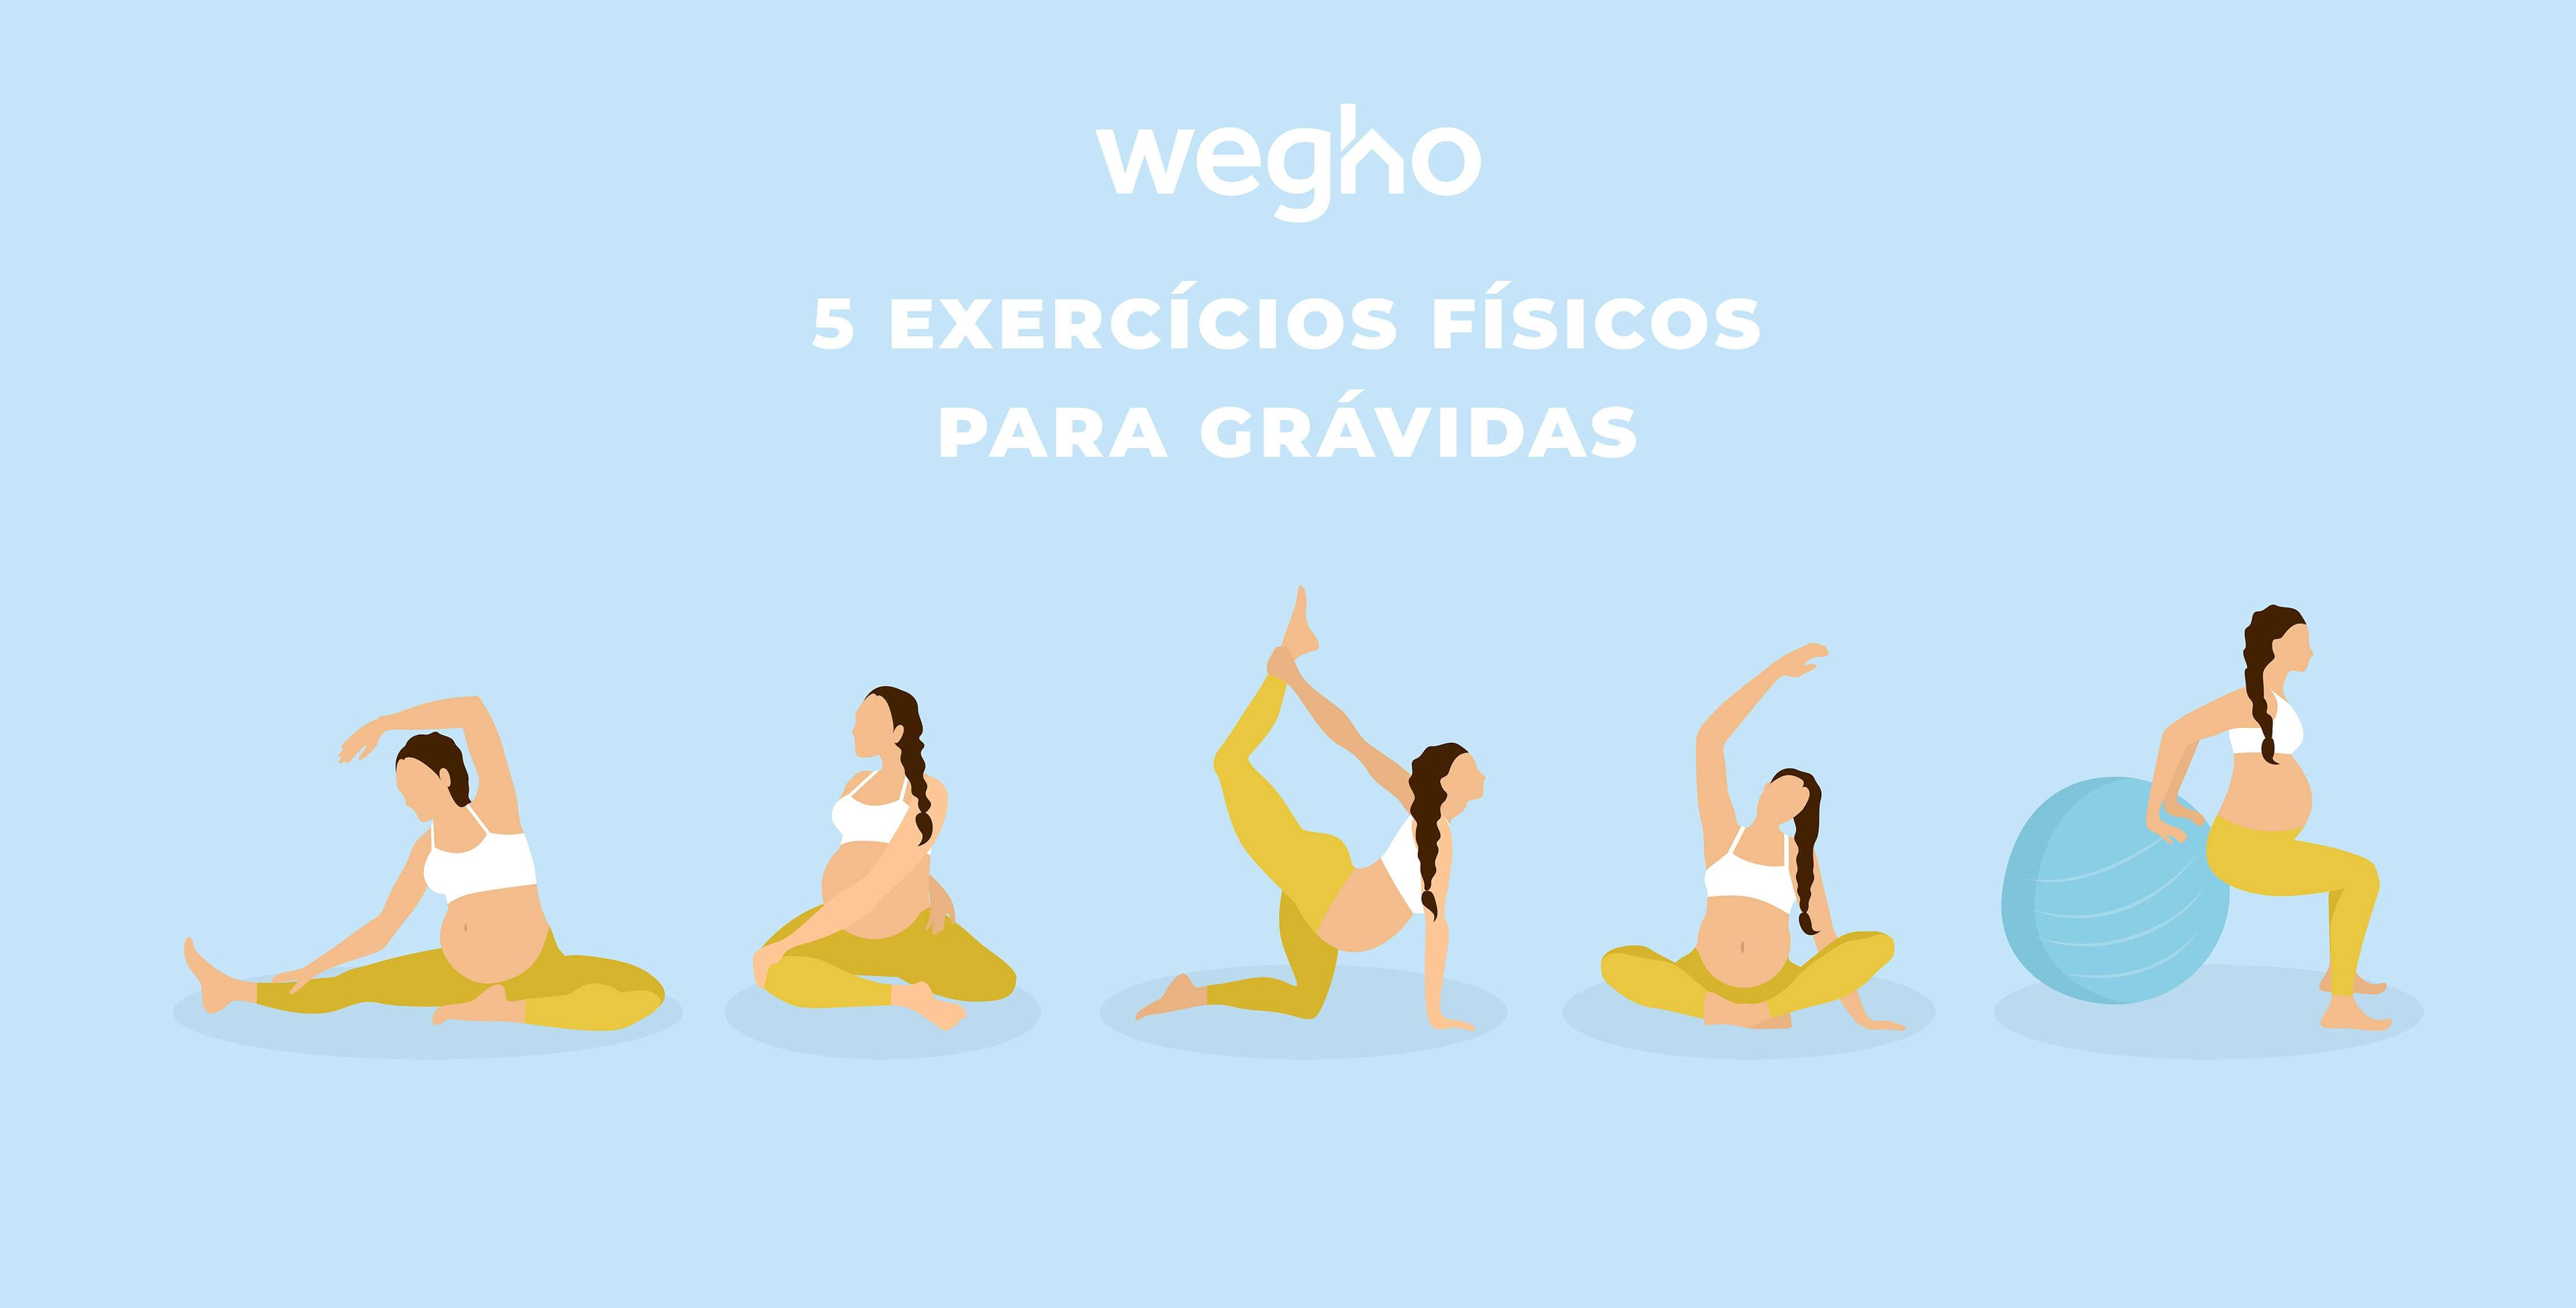 Exercício físico no verão: 5 exercícios para grávidas ; mulher grávida a fazer exercícios físicos, alongamentos e com uma bola de pilates